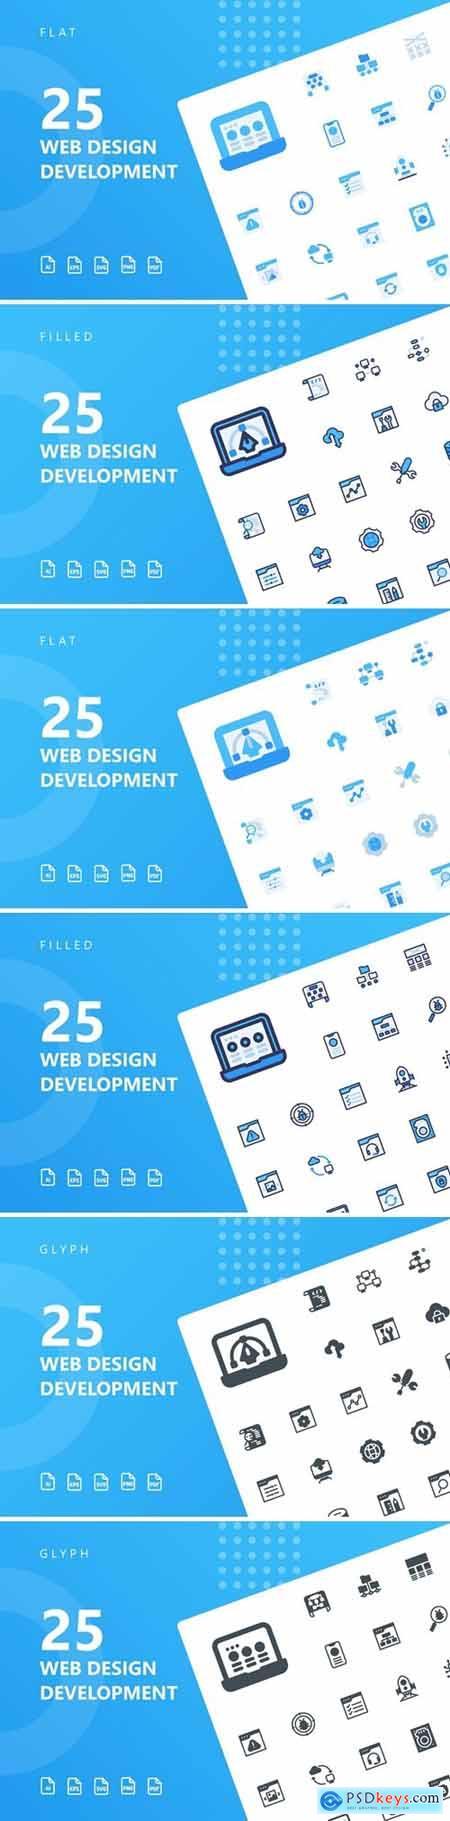 Icon Bundle 50